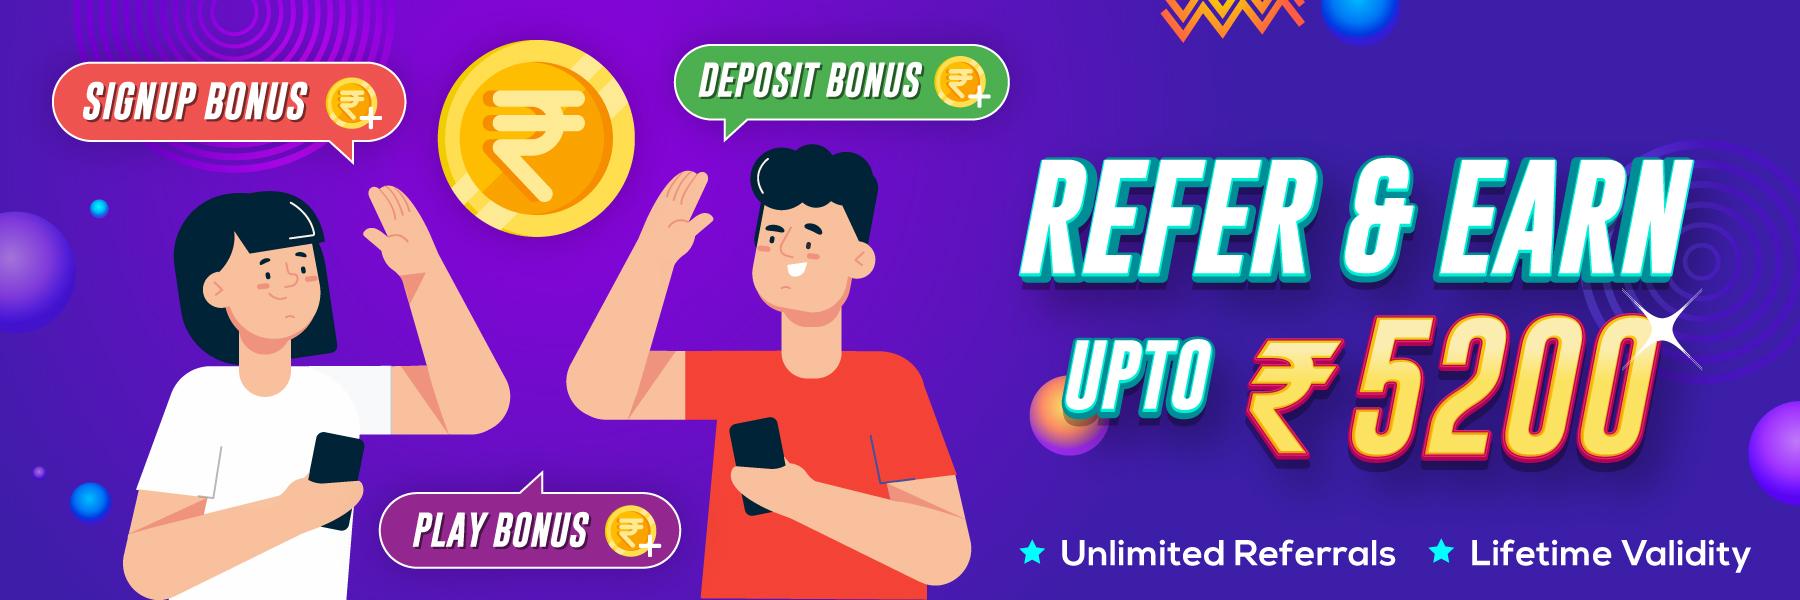 refer a friend - pocket52